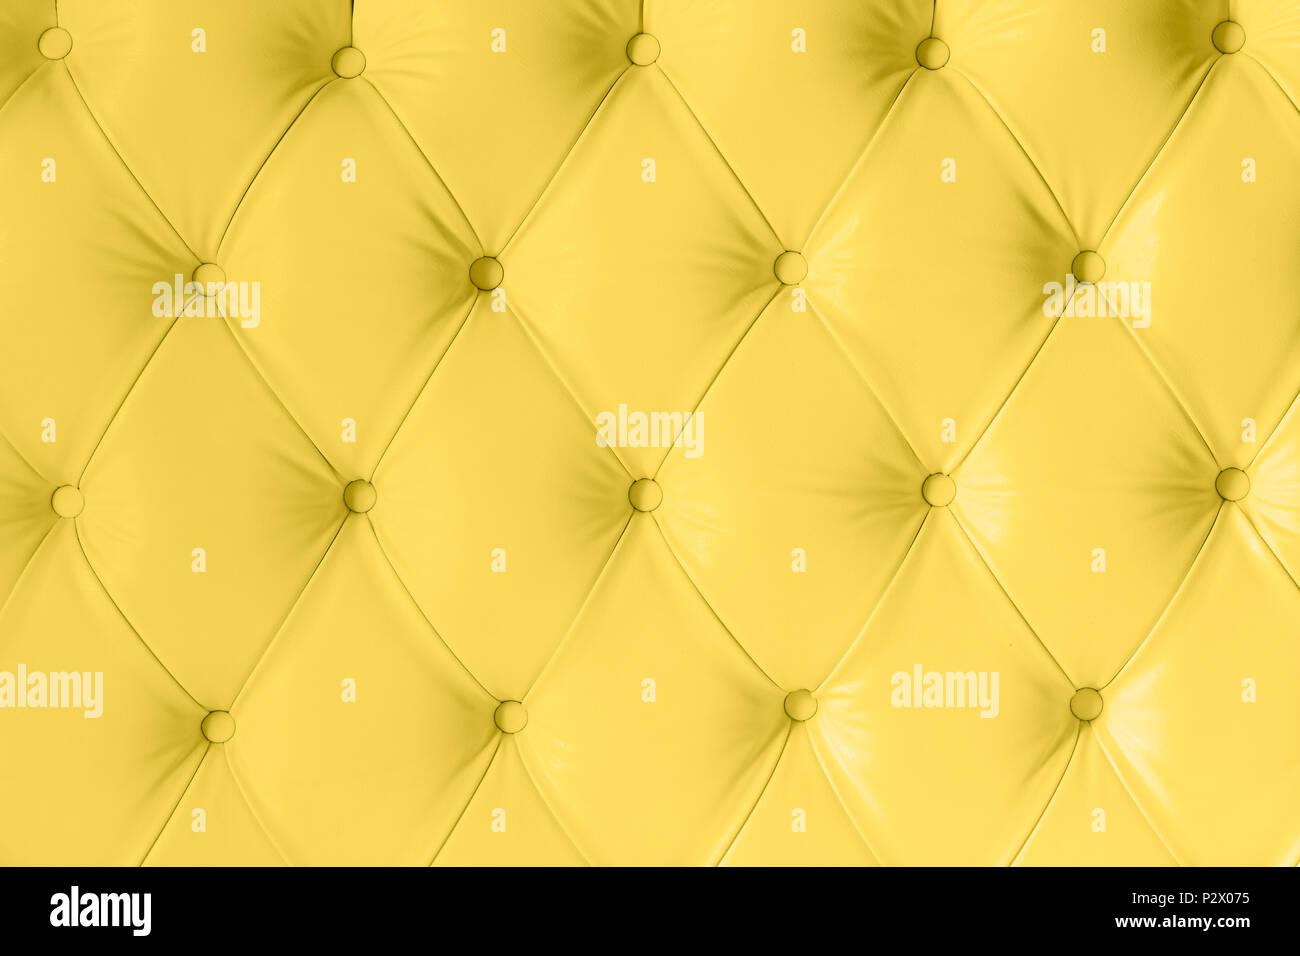 Vintage profondo giallo cuoio texture di sfondo 0a3e61dcdb3